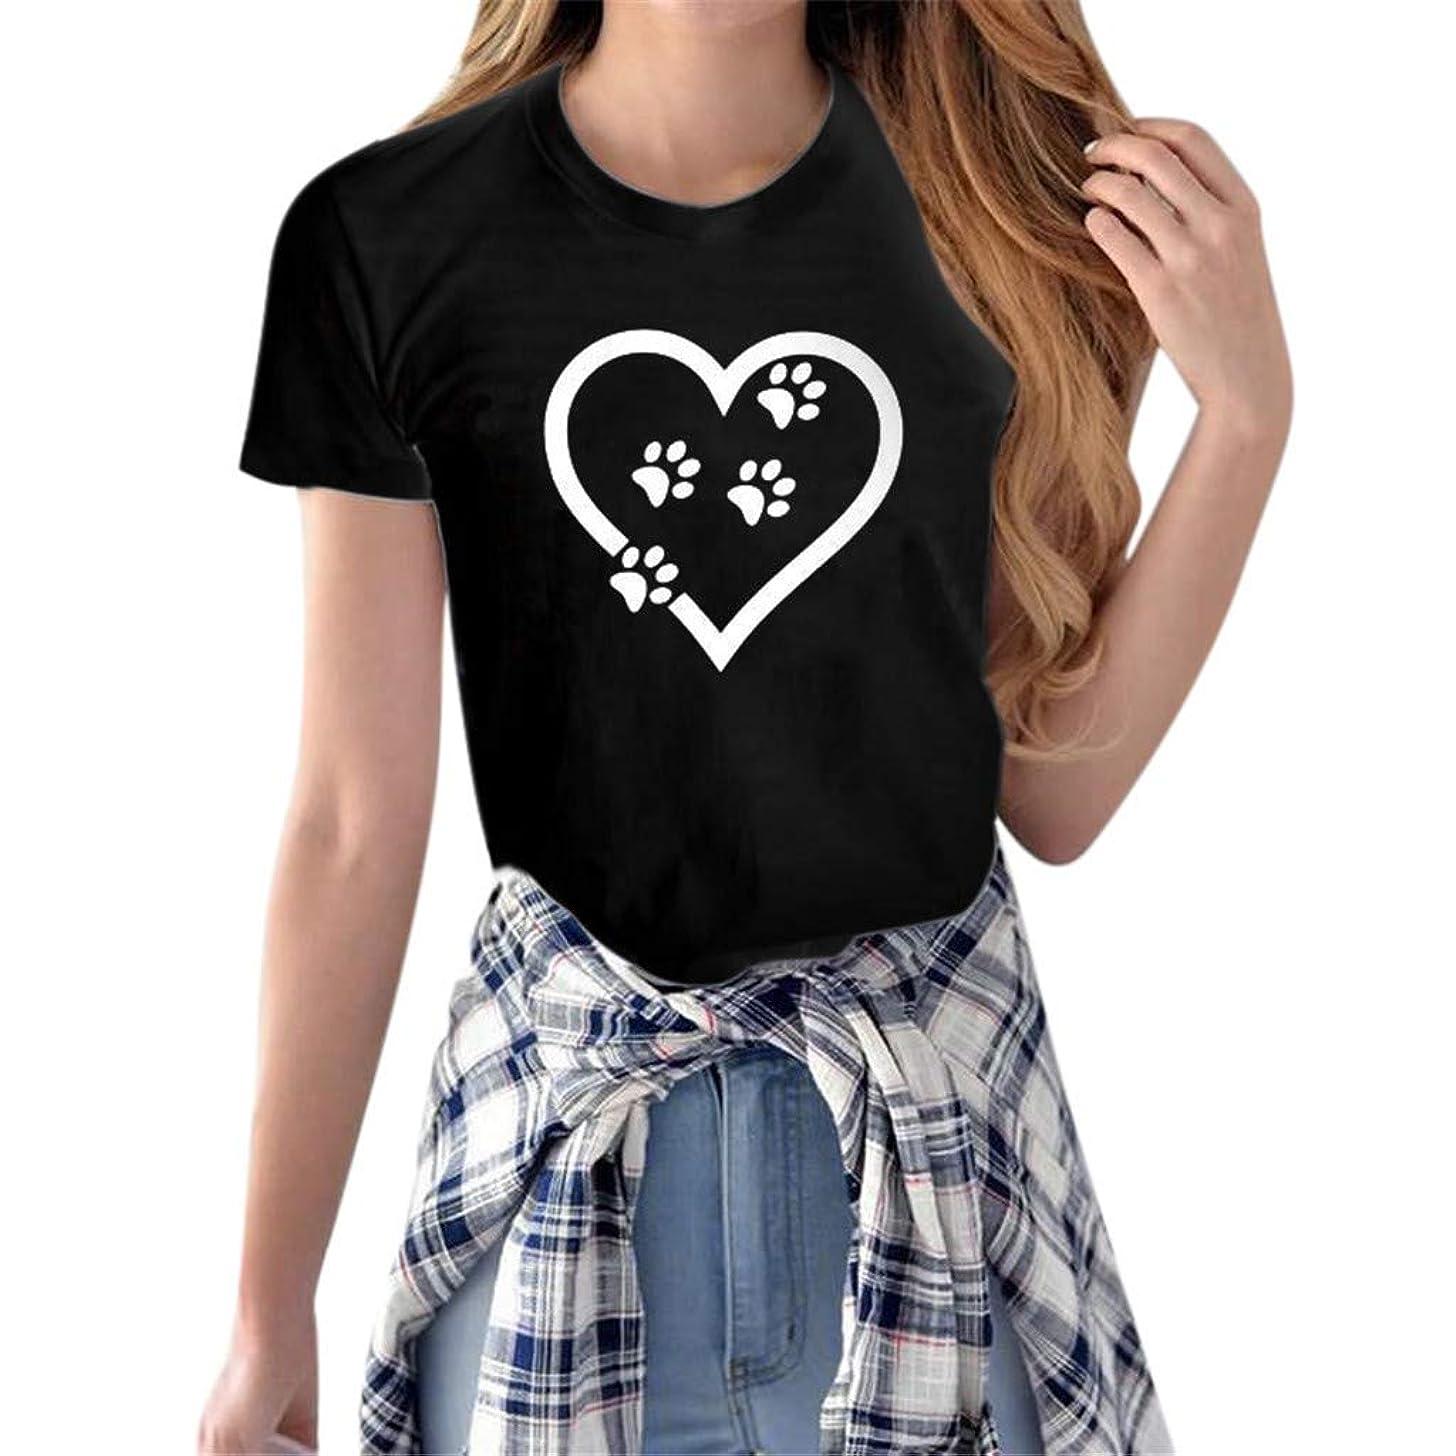 HimTak Women's Short-Sleeve Crewneck T-Shirt footprints love print ladies summer new wild short-sleeved shirt